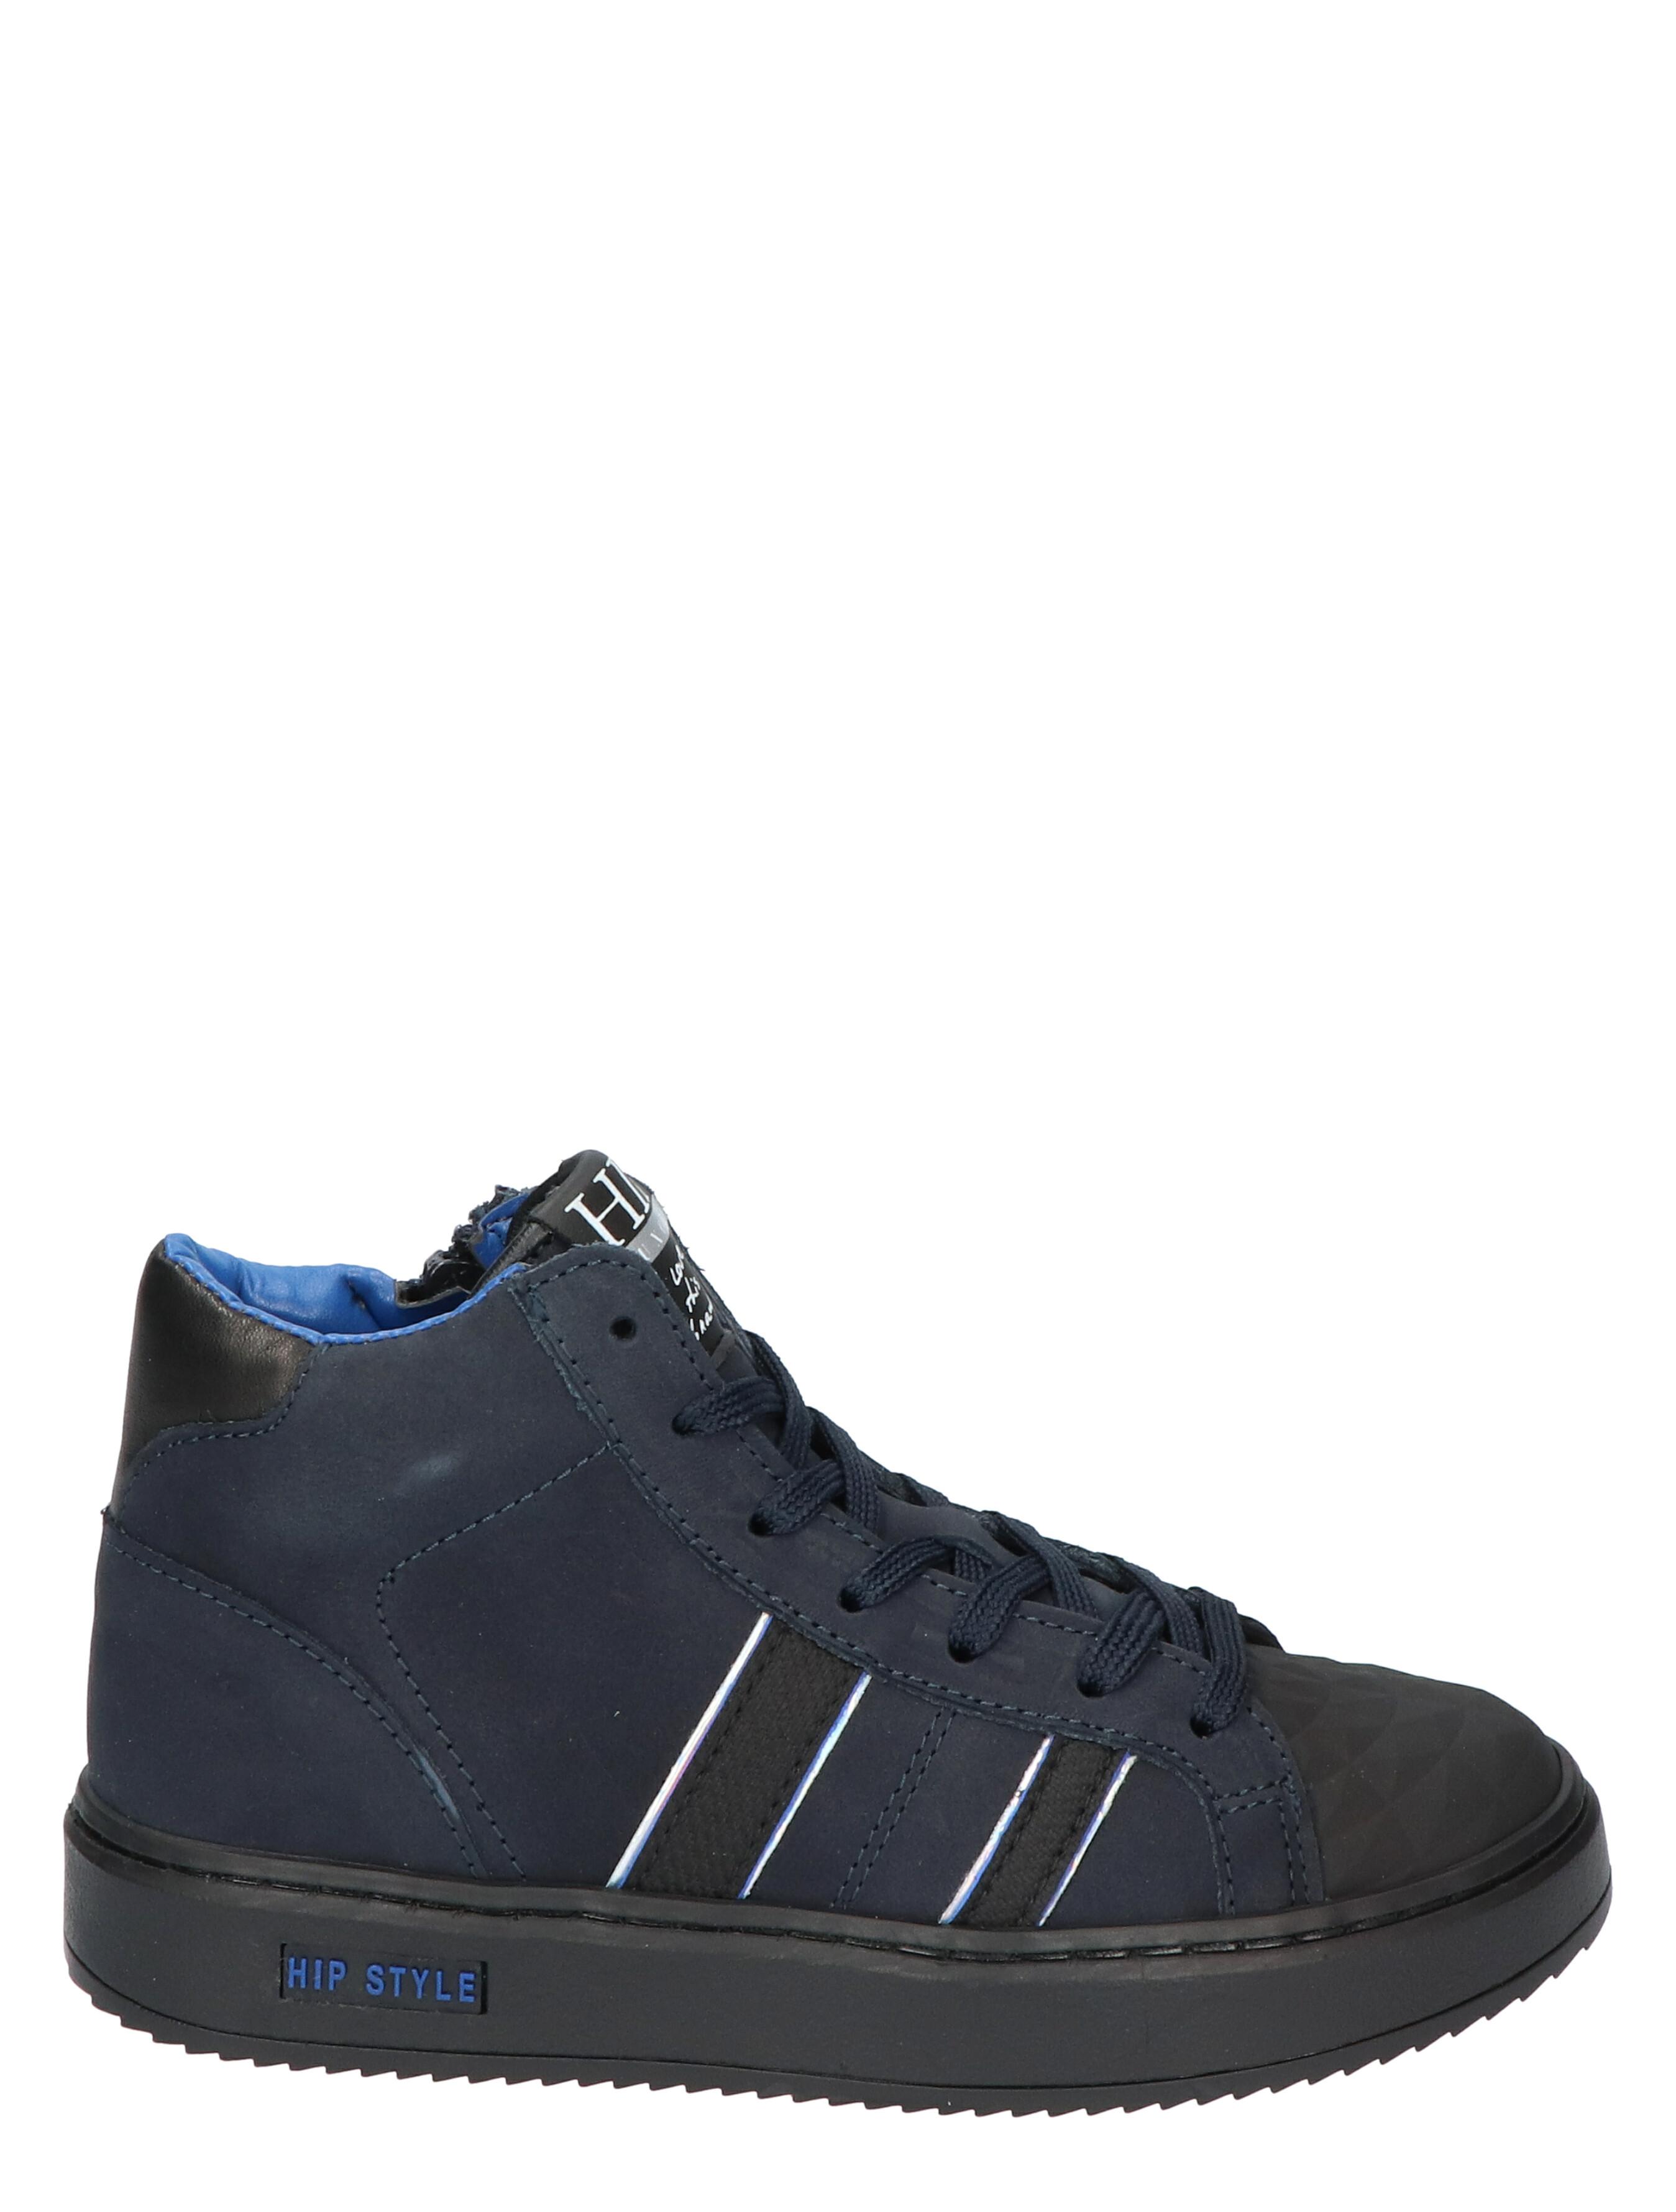 HIP H1943 dark blue